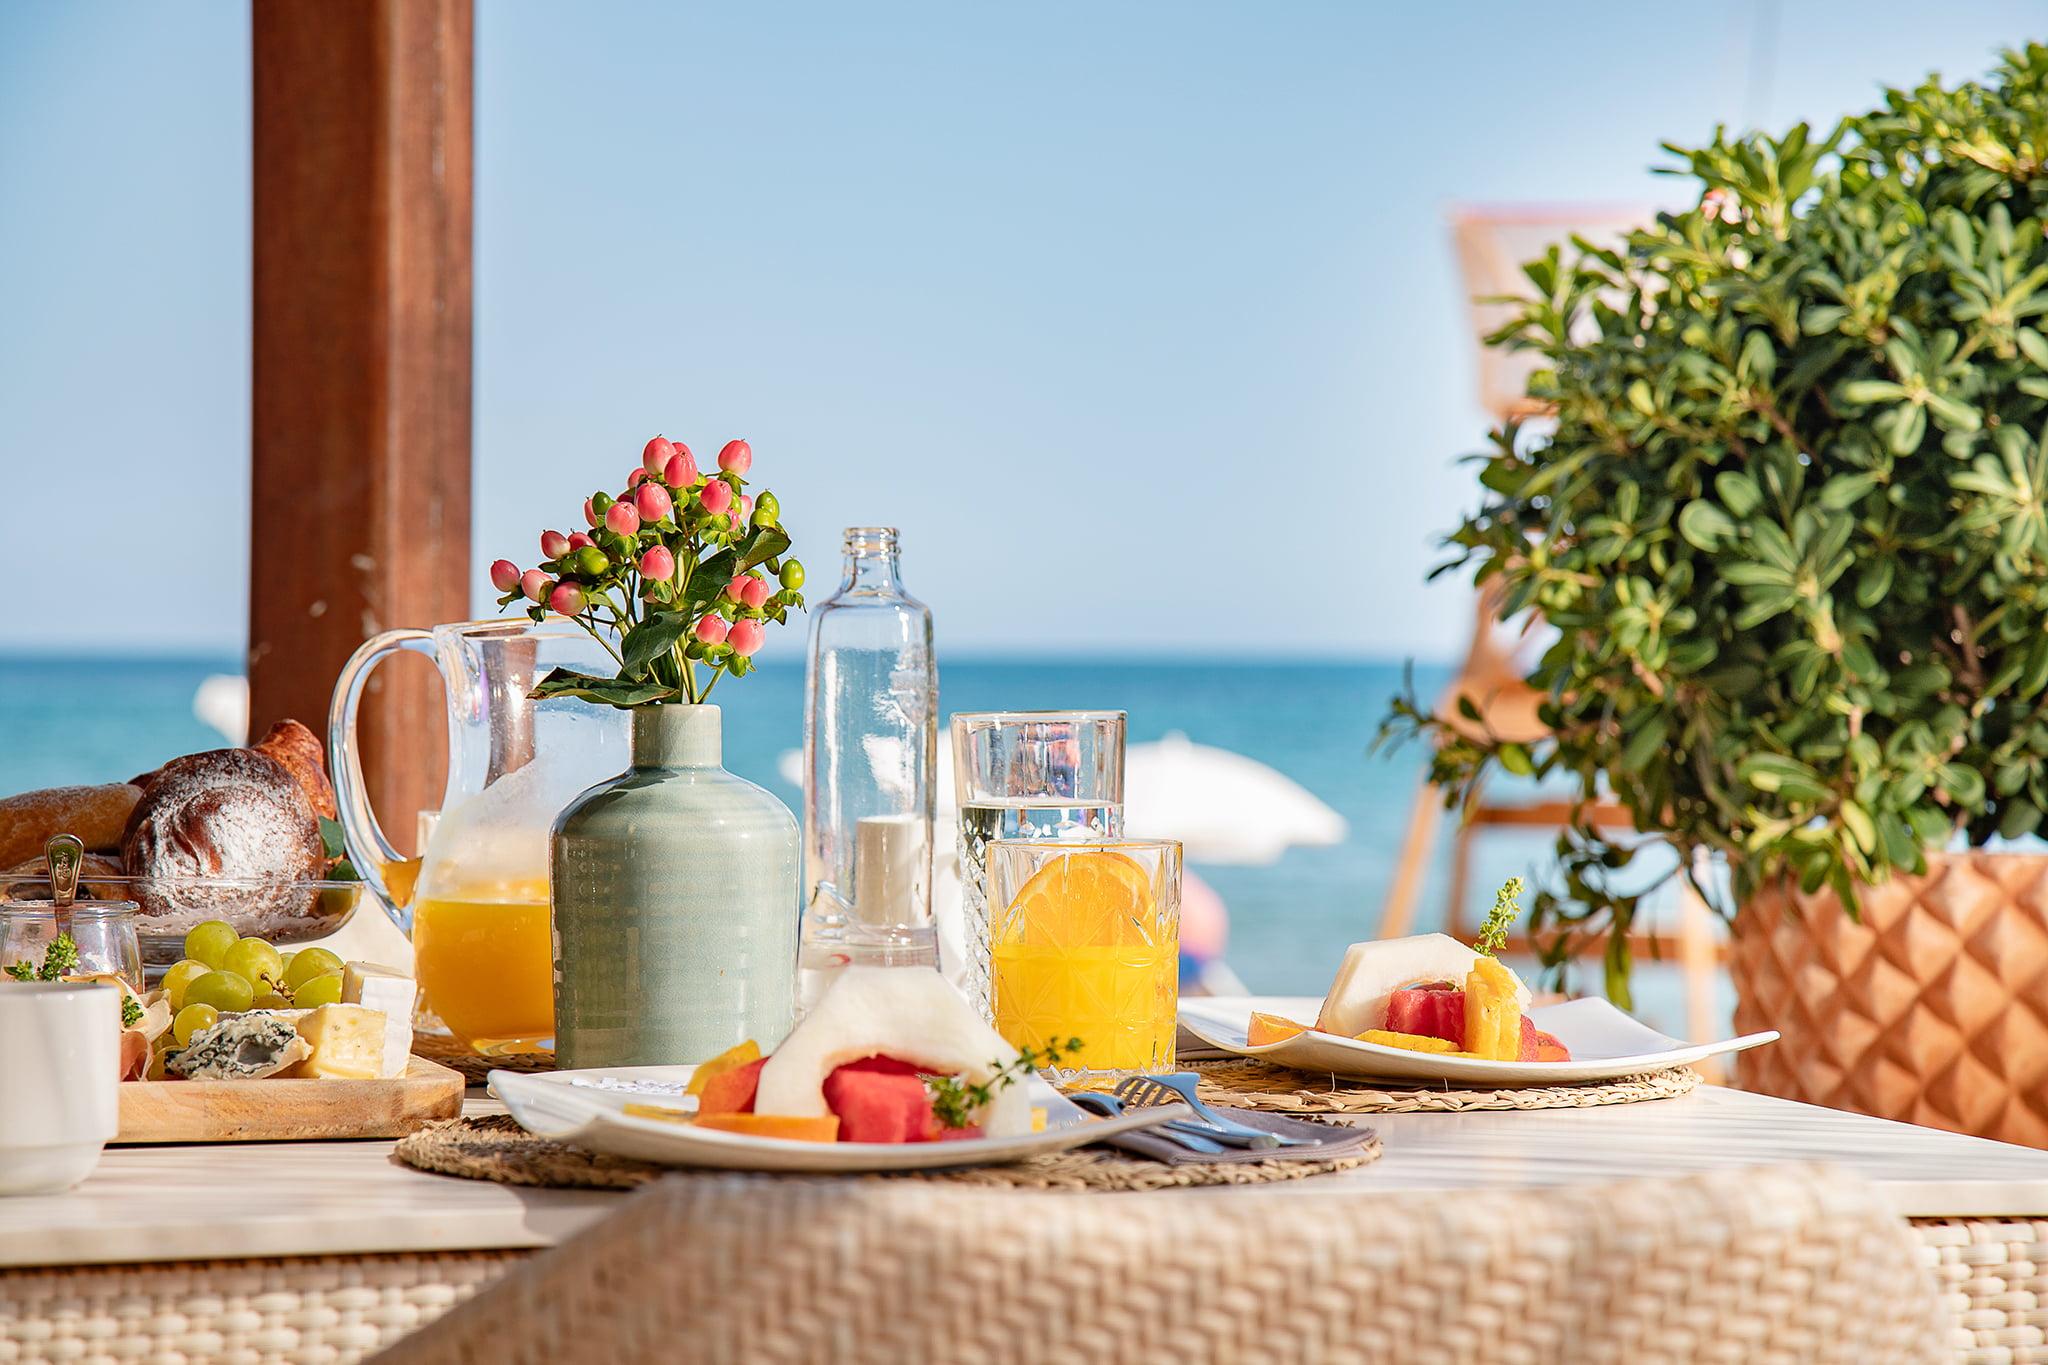 Desayuno playa en Dénia – Hotel Los Ángeles